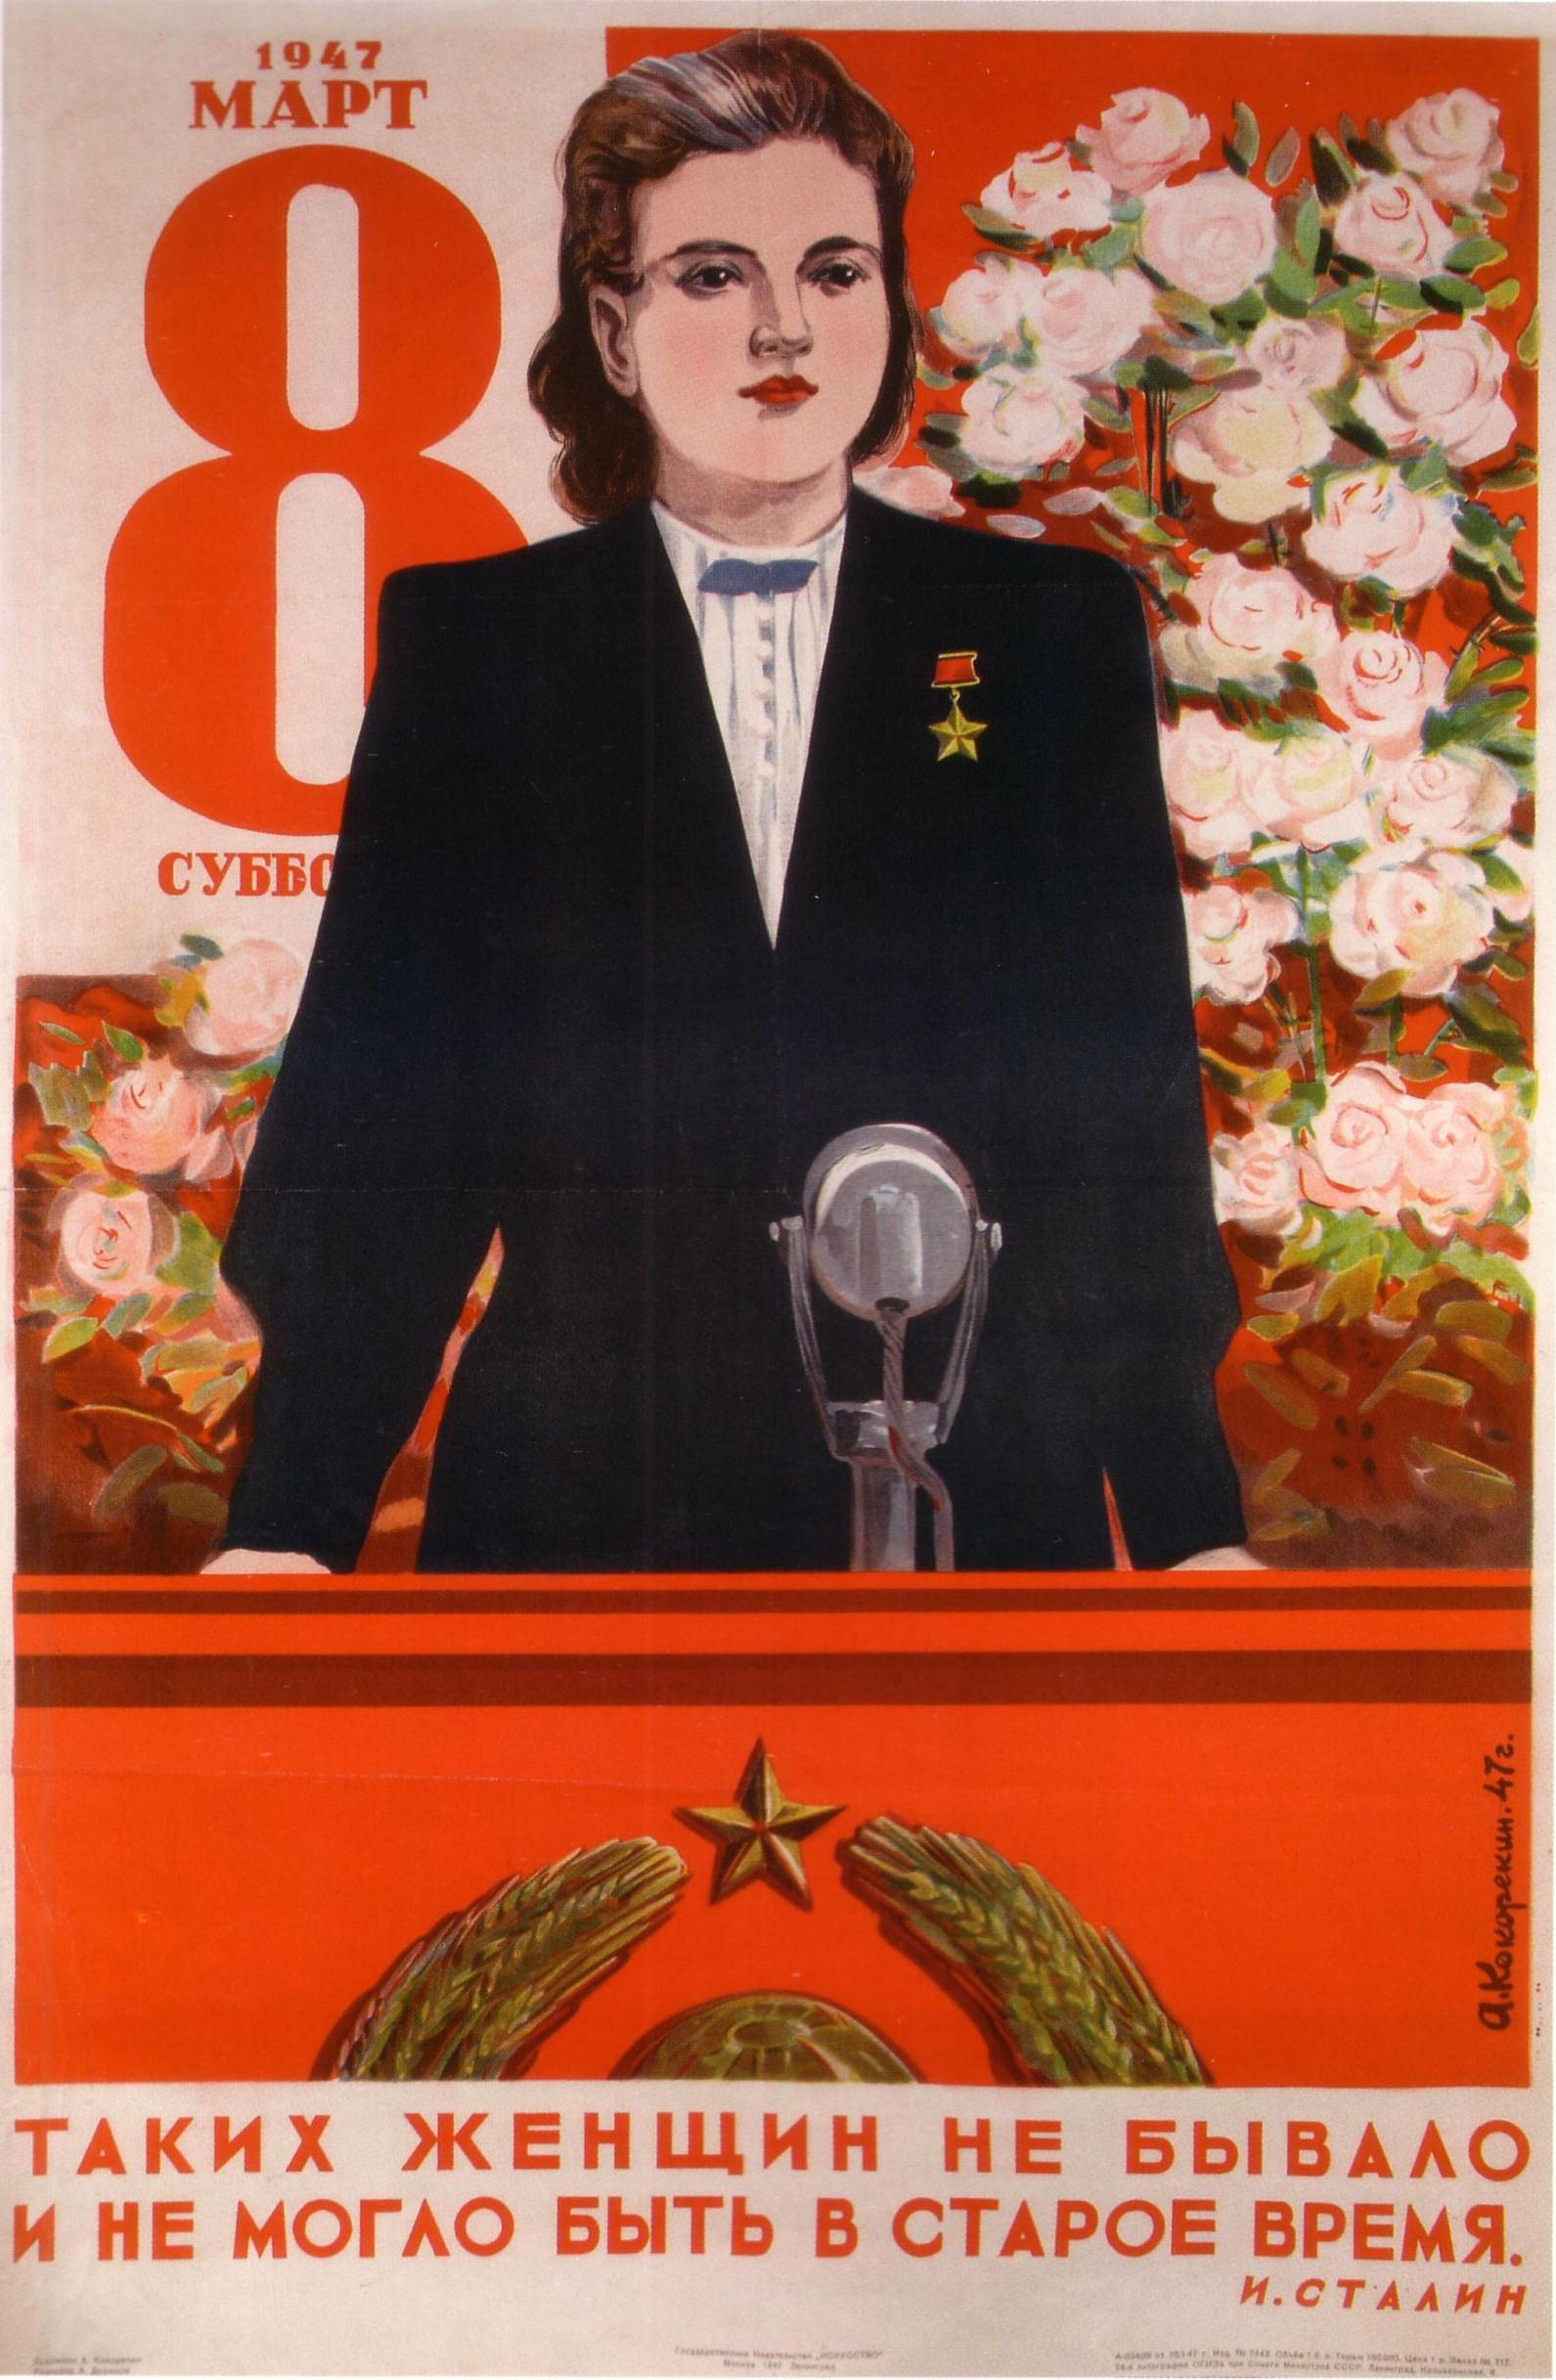 «Таких женщин не бывало и не могло быть в старое время». И. Сталин Автор: А. А. Кокорекин Год: 1947